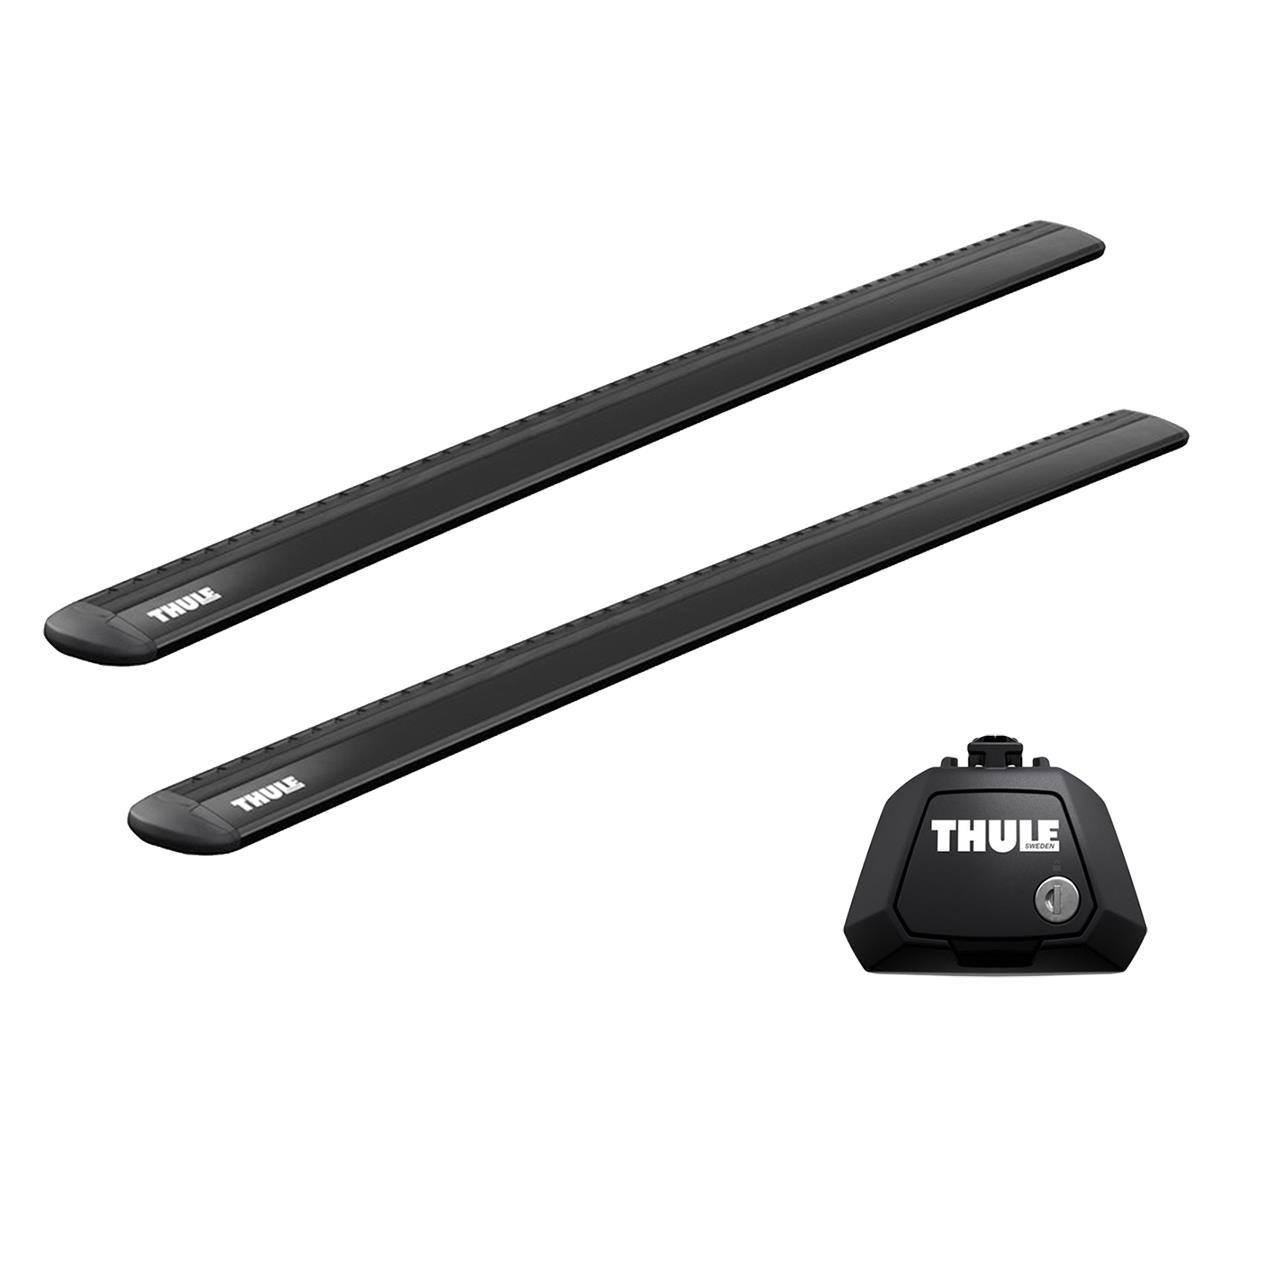 Напречни греди Thule Evo Raised Rail WingBar Evo 127cm в Черно за HYUNDAI i20 Active 5 врати Hatchback 2015- с фабрични надлъжни греди с просвет 1